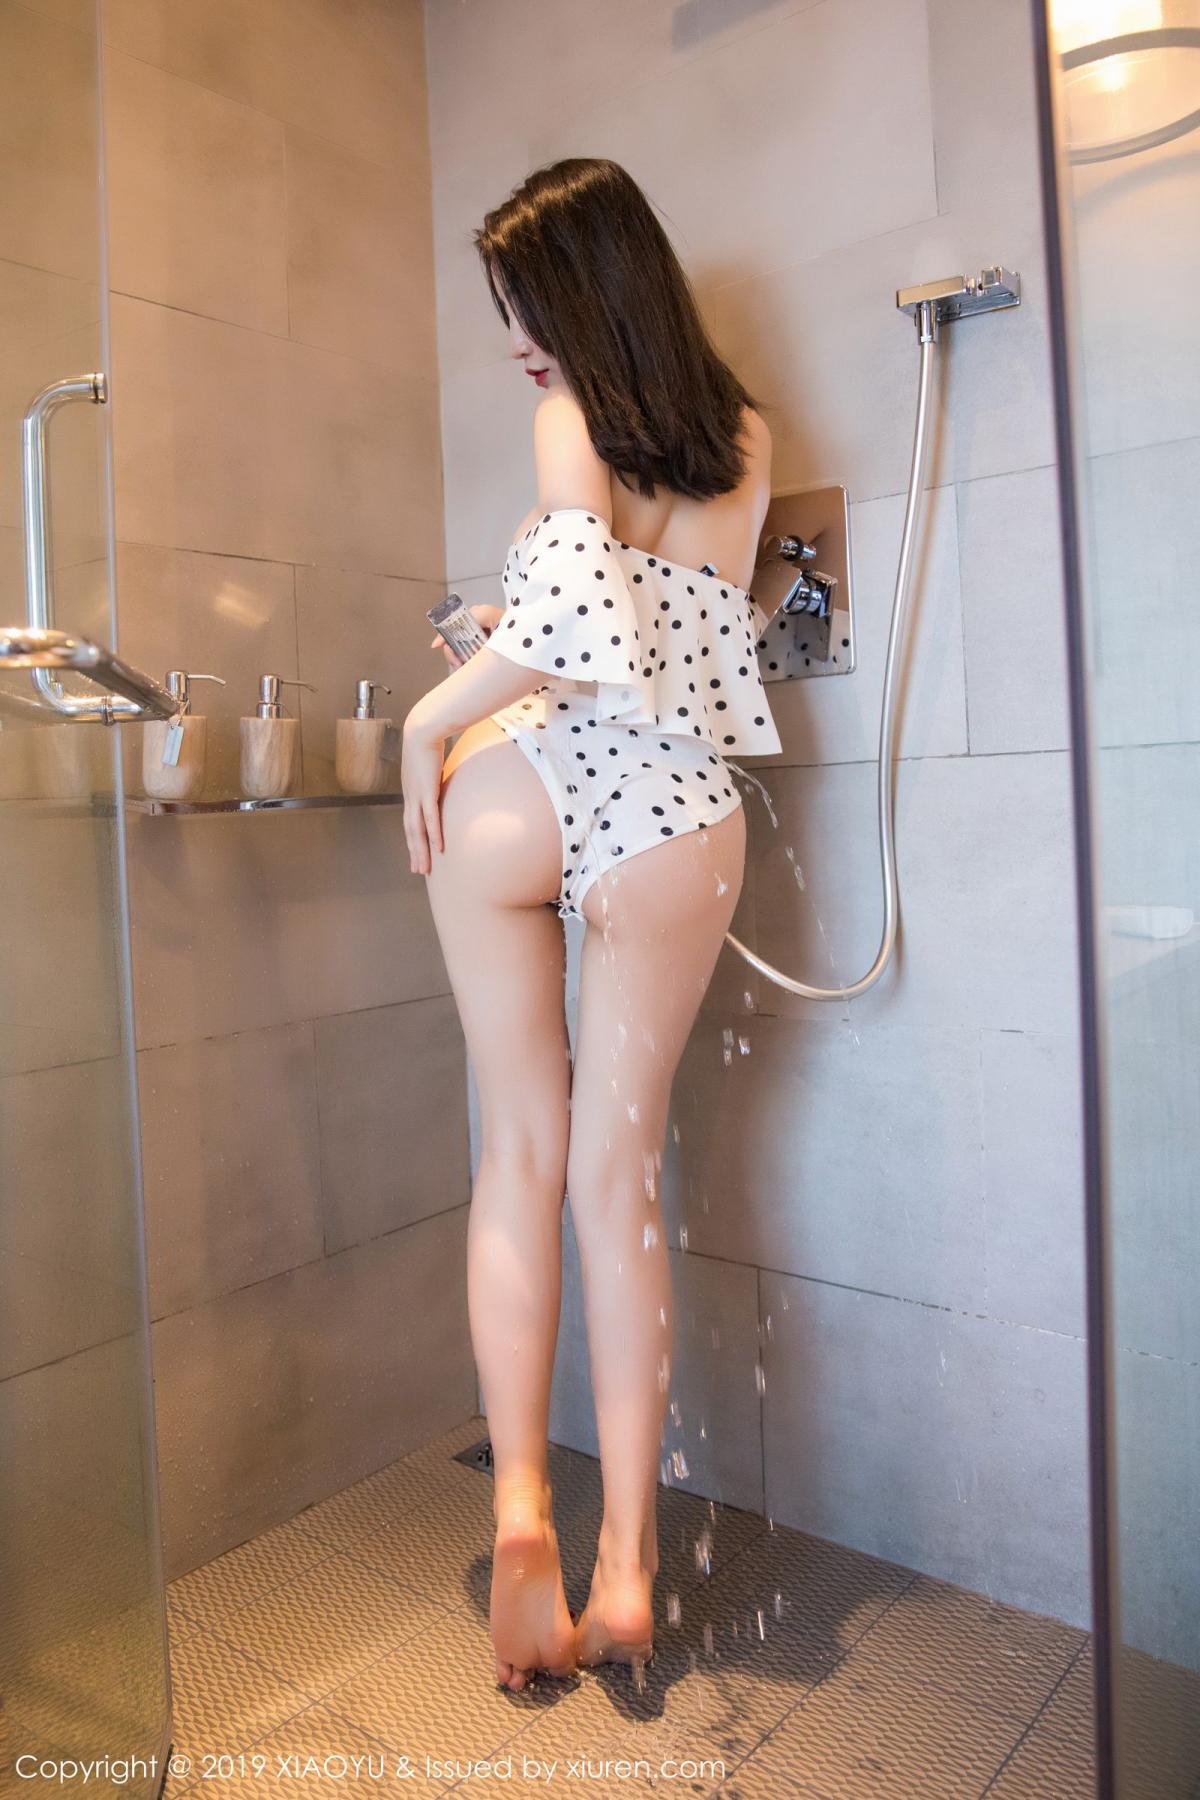 [XiaoYu] Vol.118 Xie Zhi Xin 15P, Bathroom, Wet, XiaoYu, Xie Zhi Xin